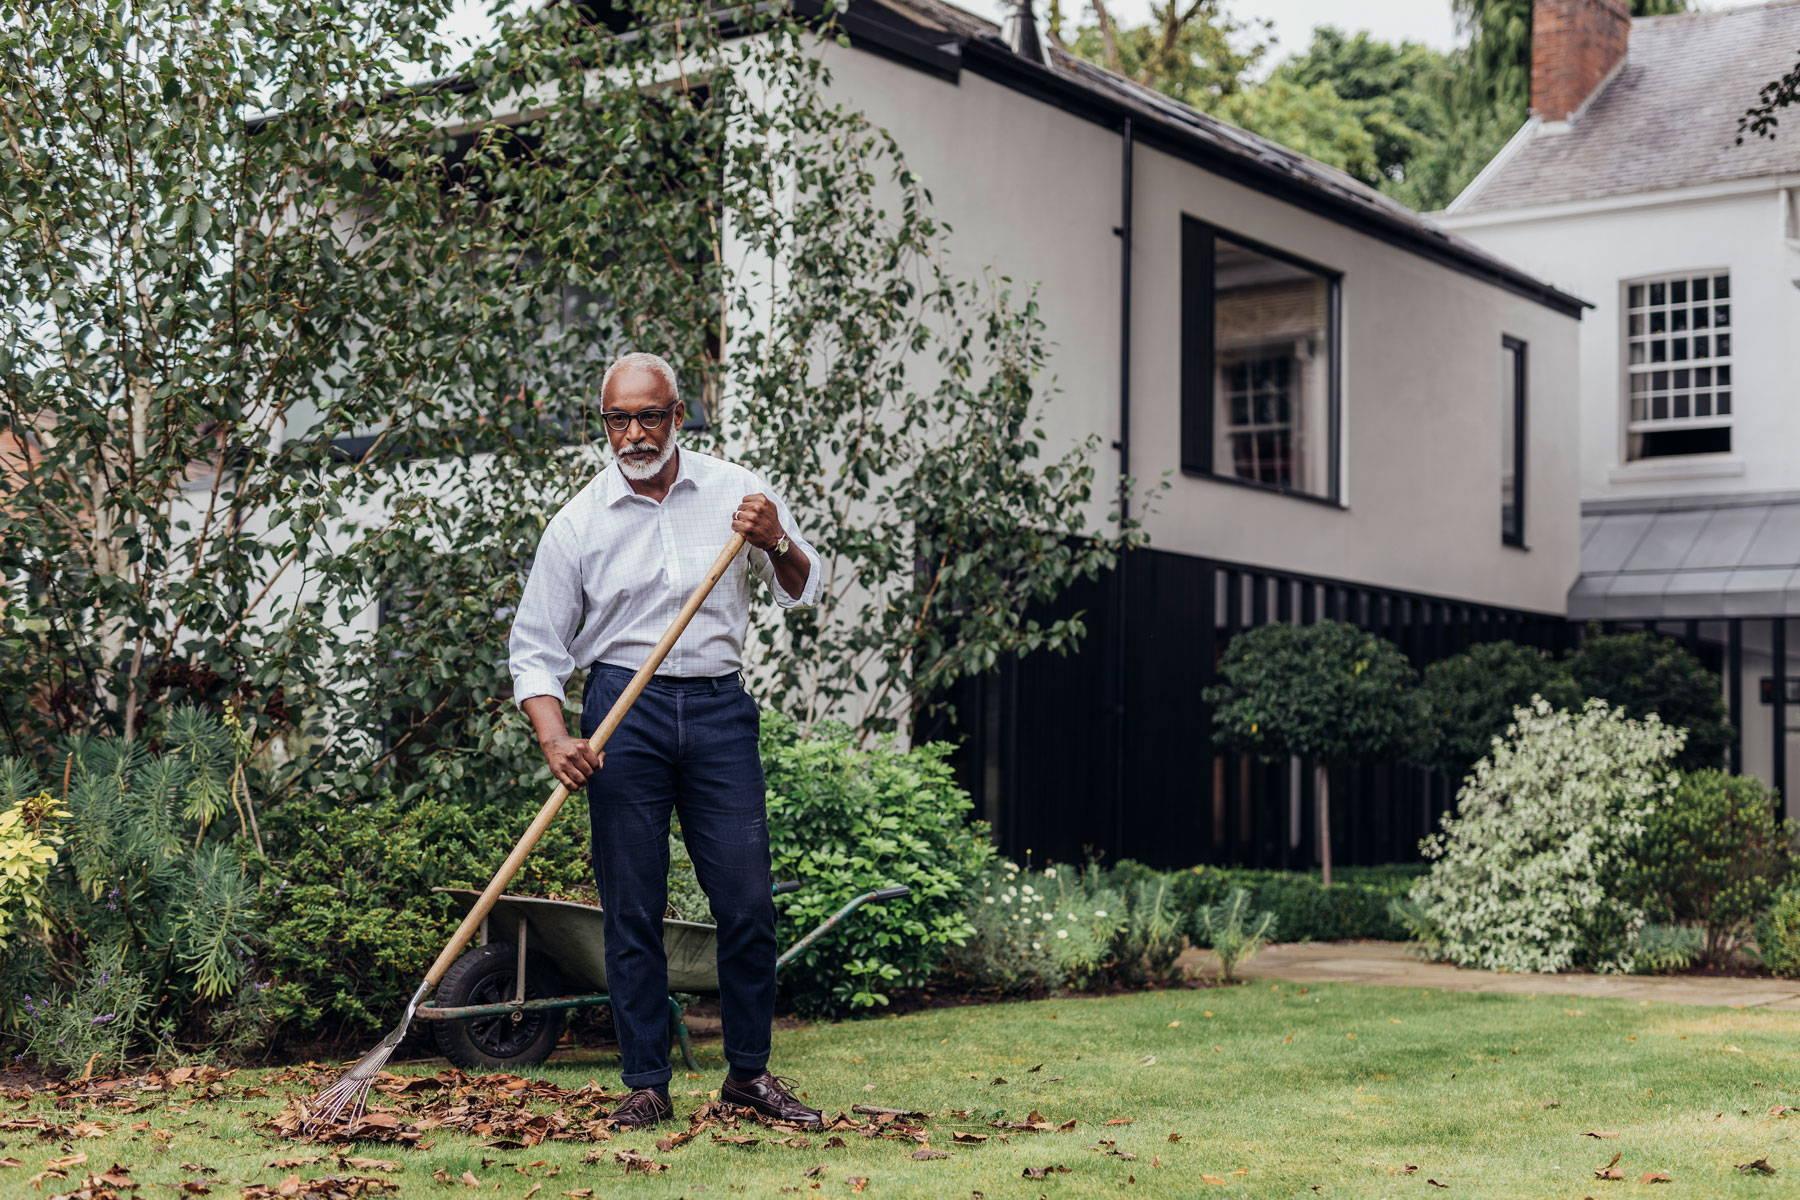 Man in shirt gardening